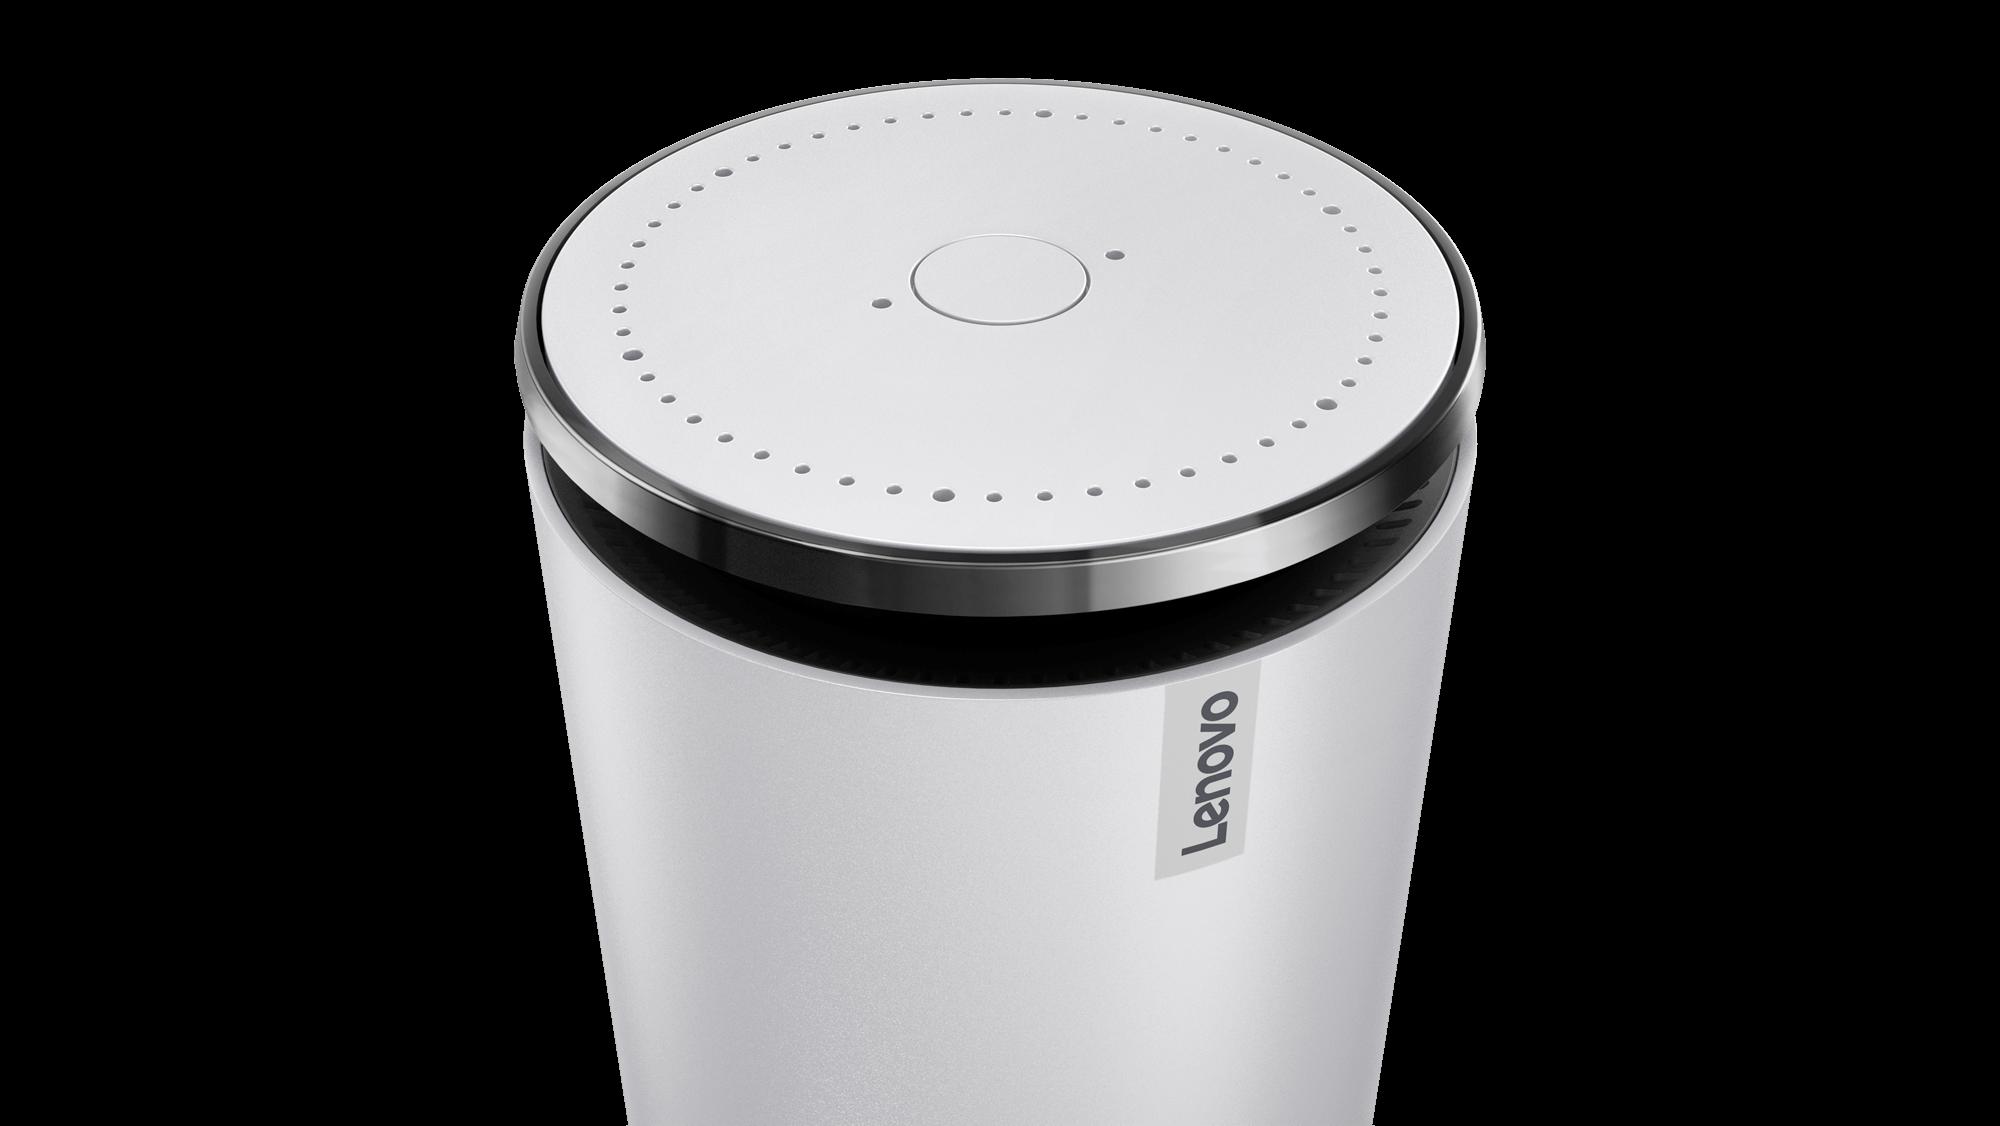 Lenovo Smart Assistant in light gray.